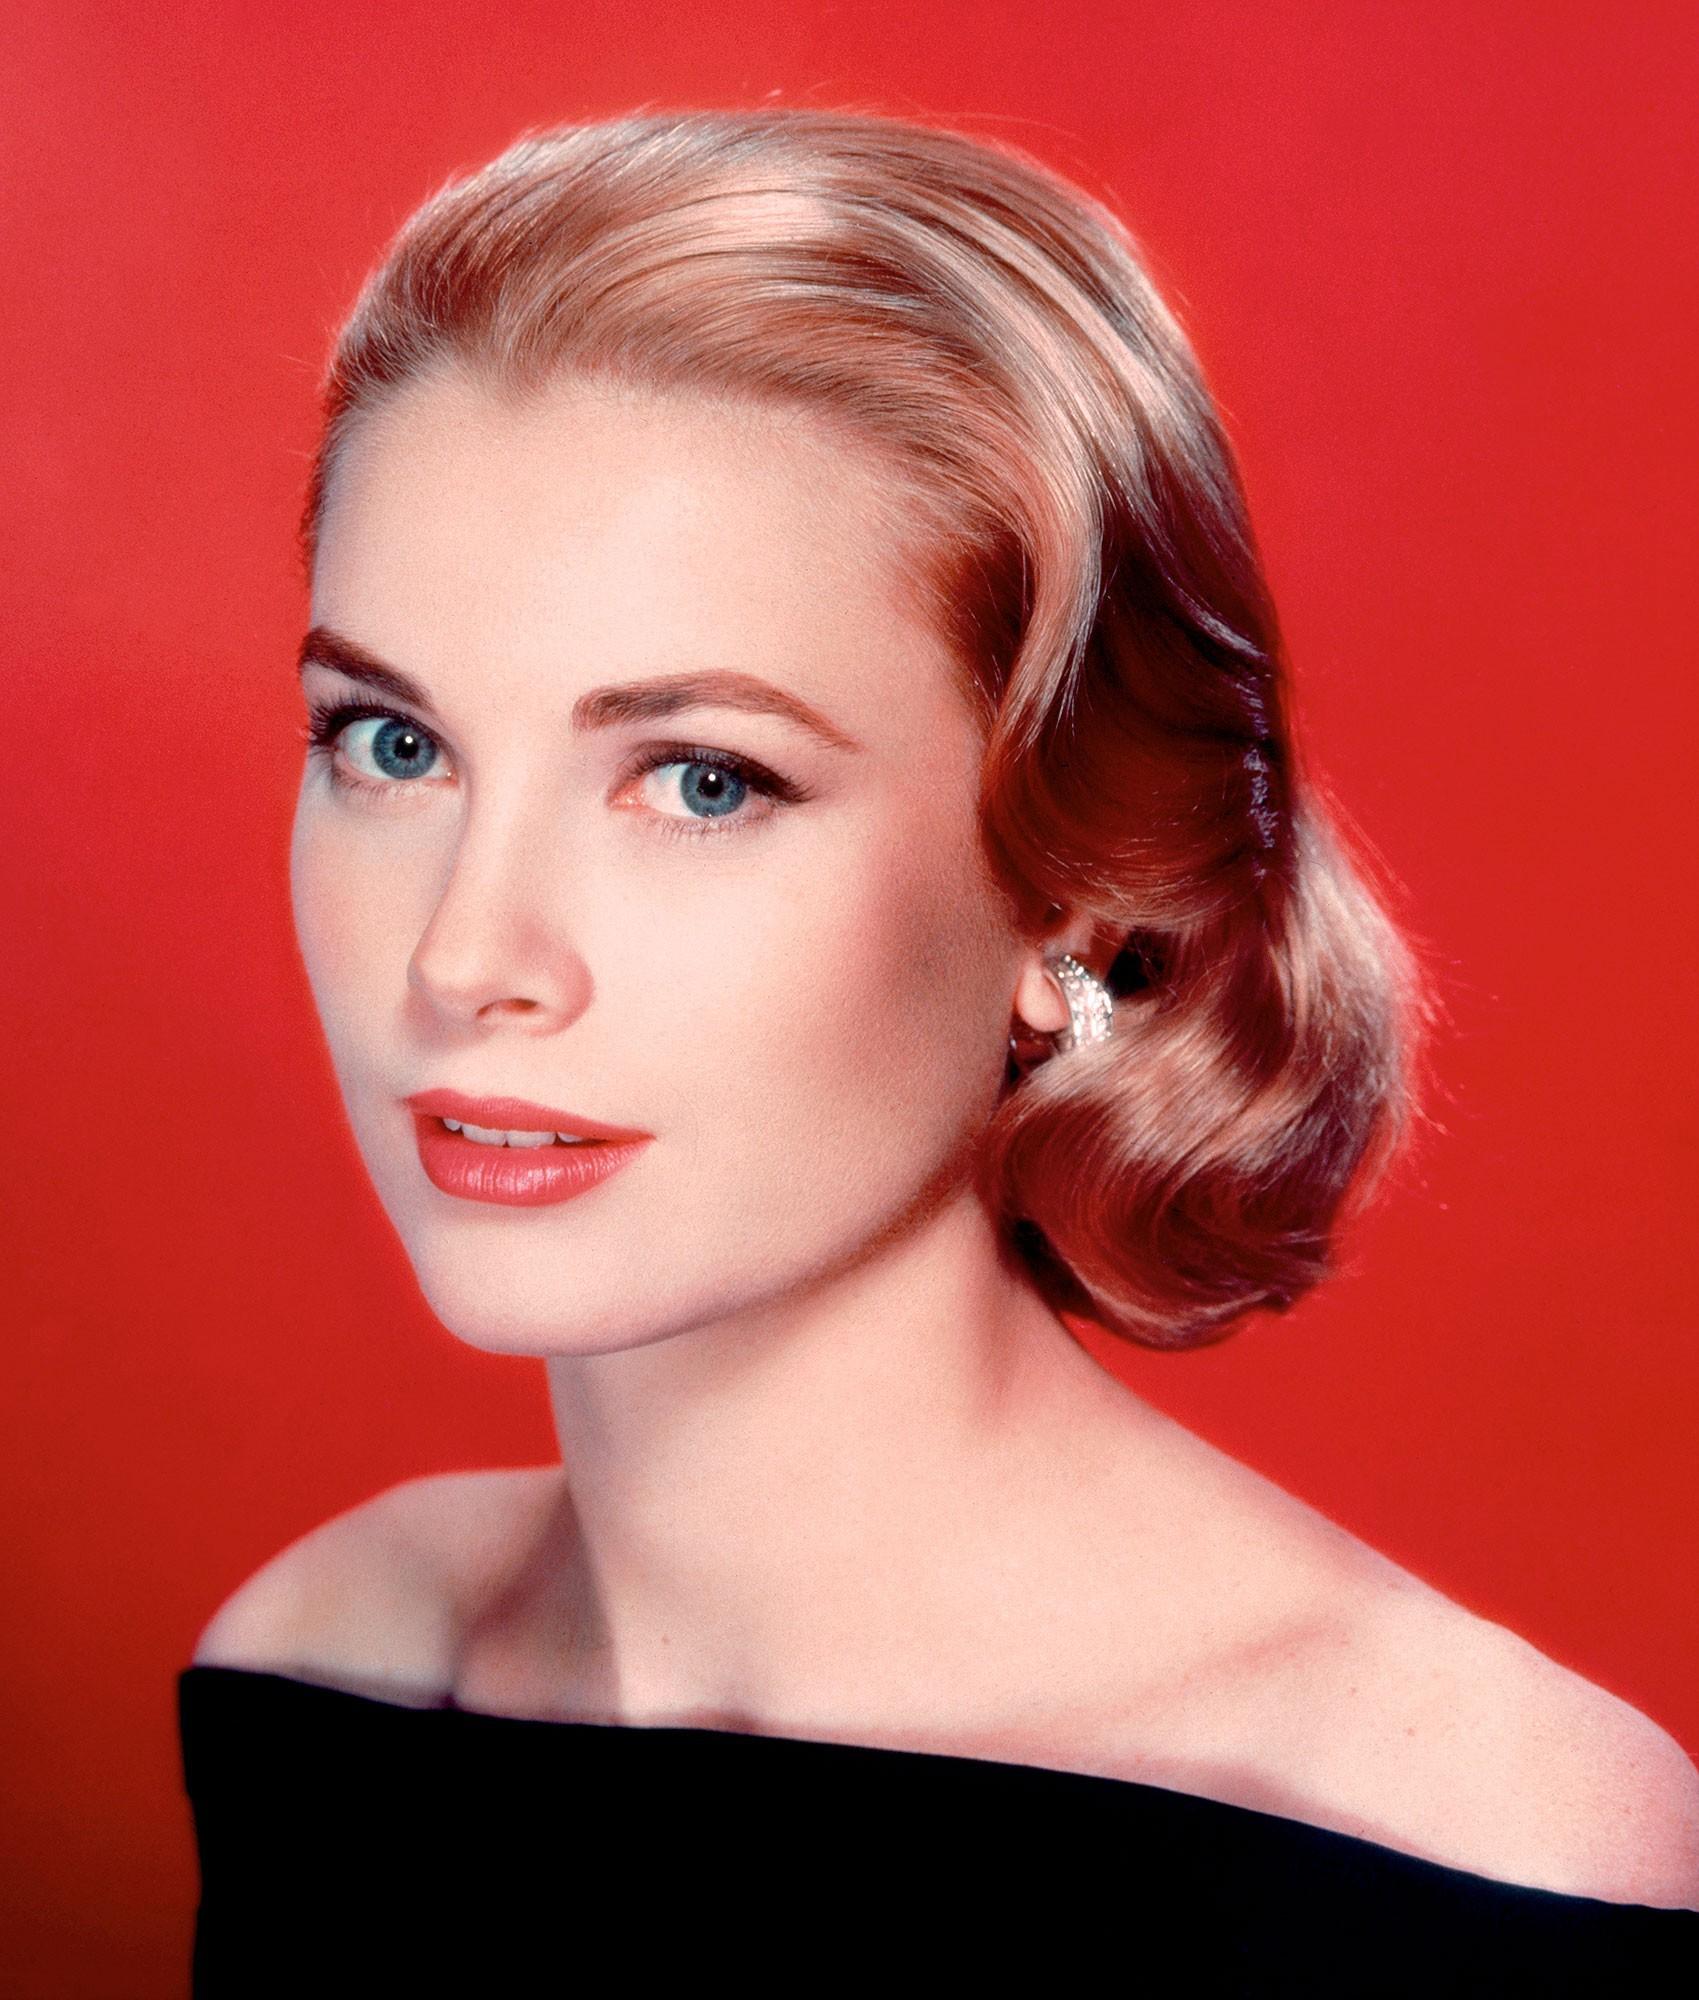 Cuộc đời ly kỳ của Grace Kelly: Tiểu thư triệu phú bỏ tượng vàng Oscar để thành Công nương hoàng gia và cái chết bí ẩn - Ảnh 5.